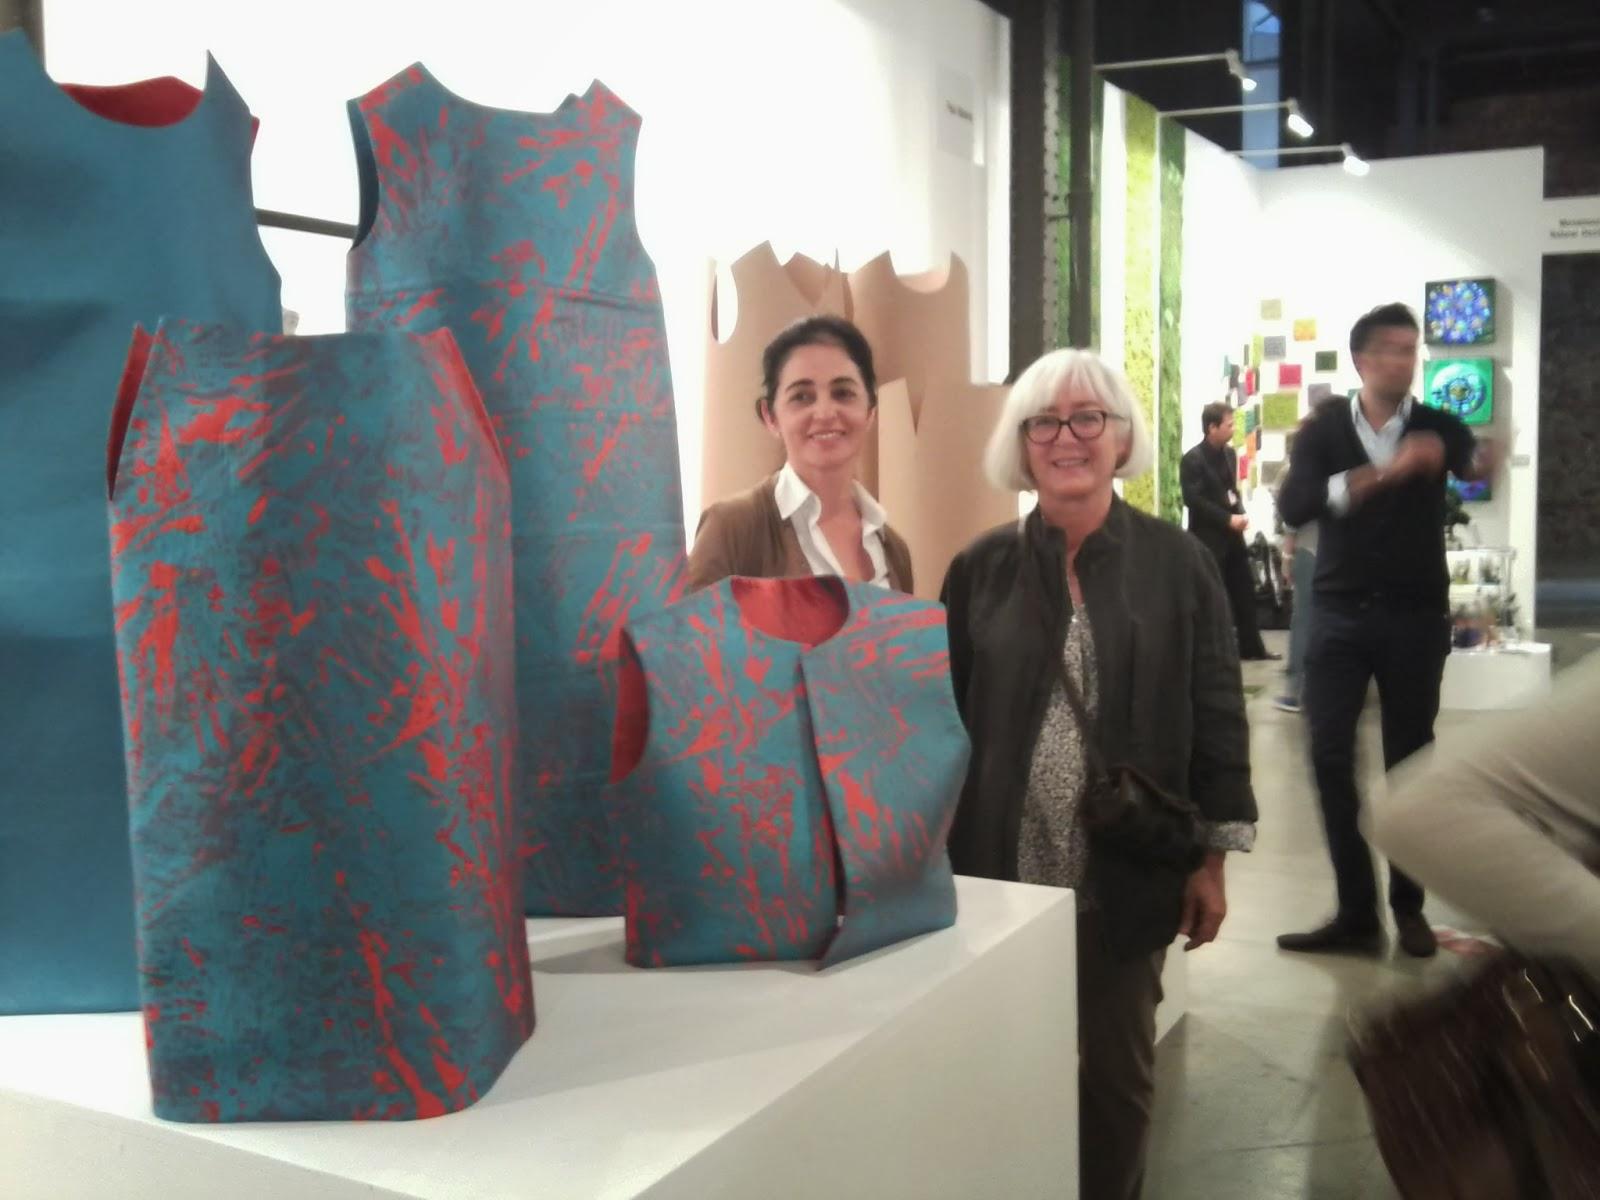 Estampa, 2013, Feria de arte, Exposiciones Madrid, Matadero, Blog de arte, Voa-Gallery, Yvonne Brochard, Susana Poyatos, Design Partners, Granada,